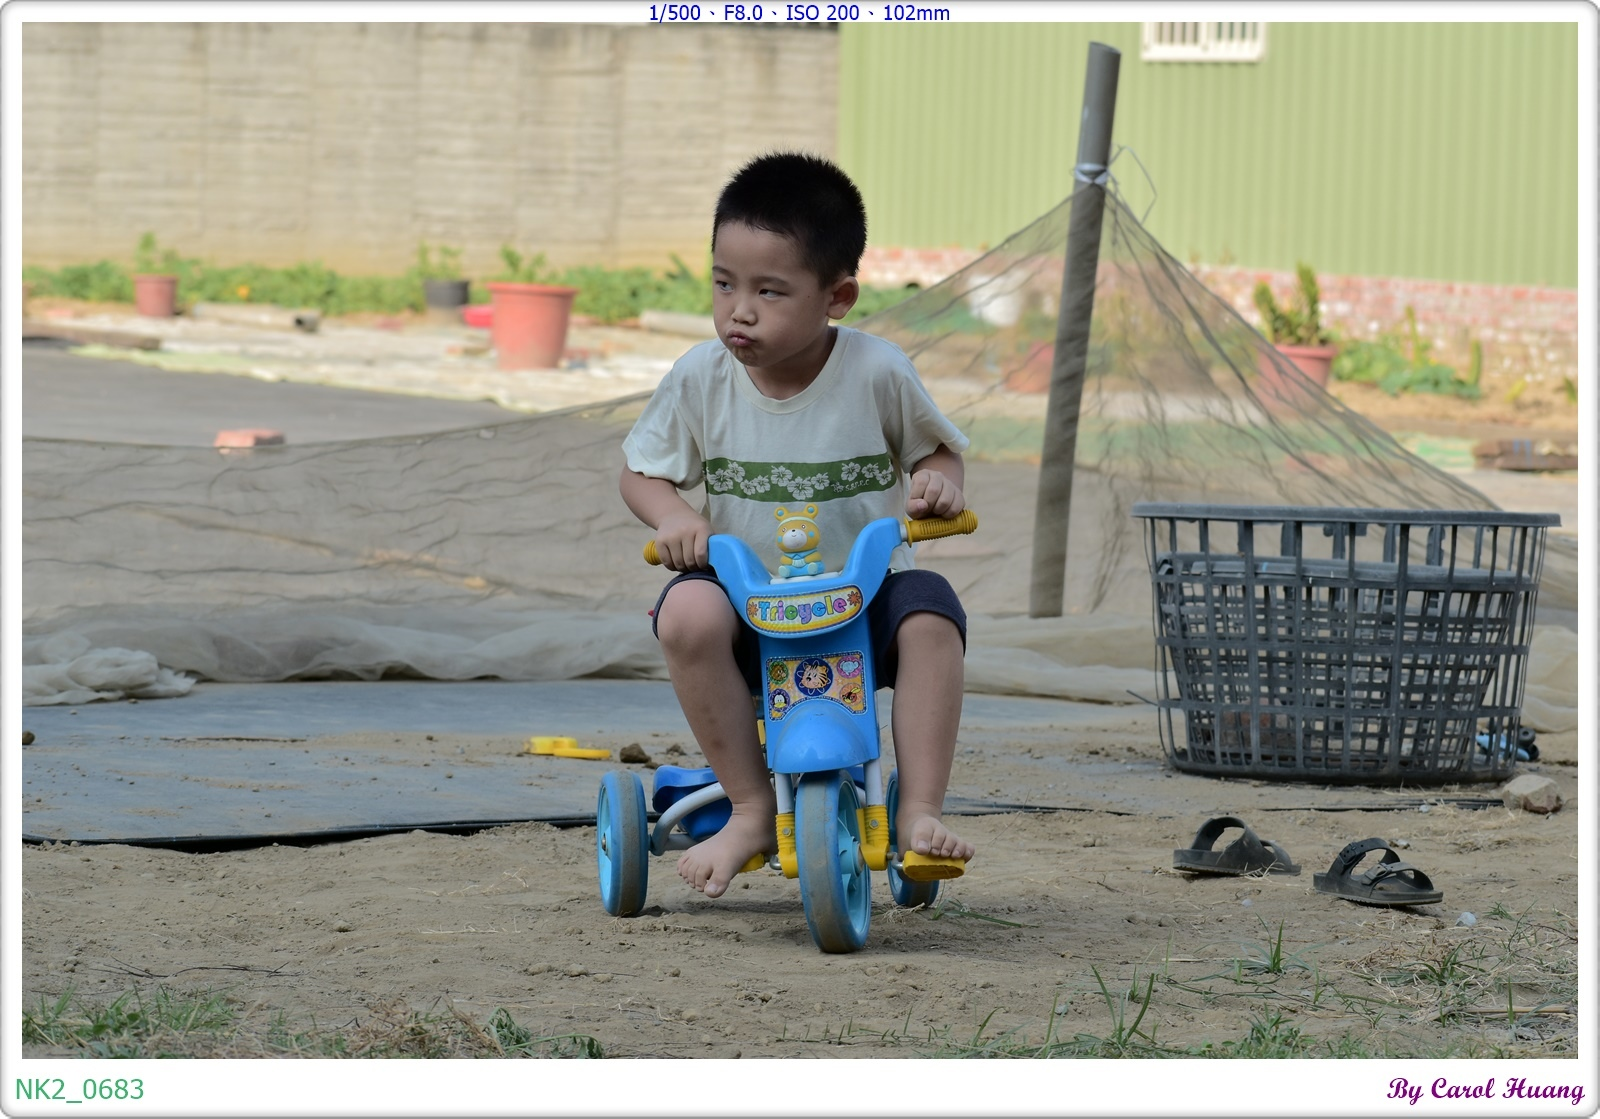 NK2_0683.JPG